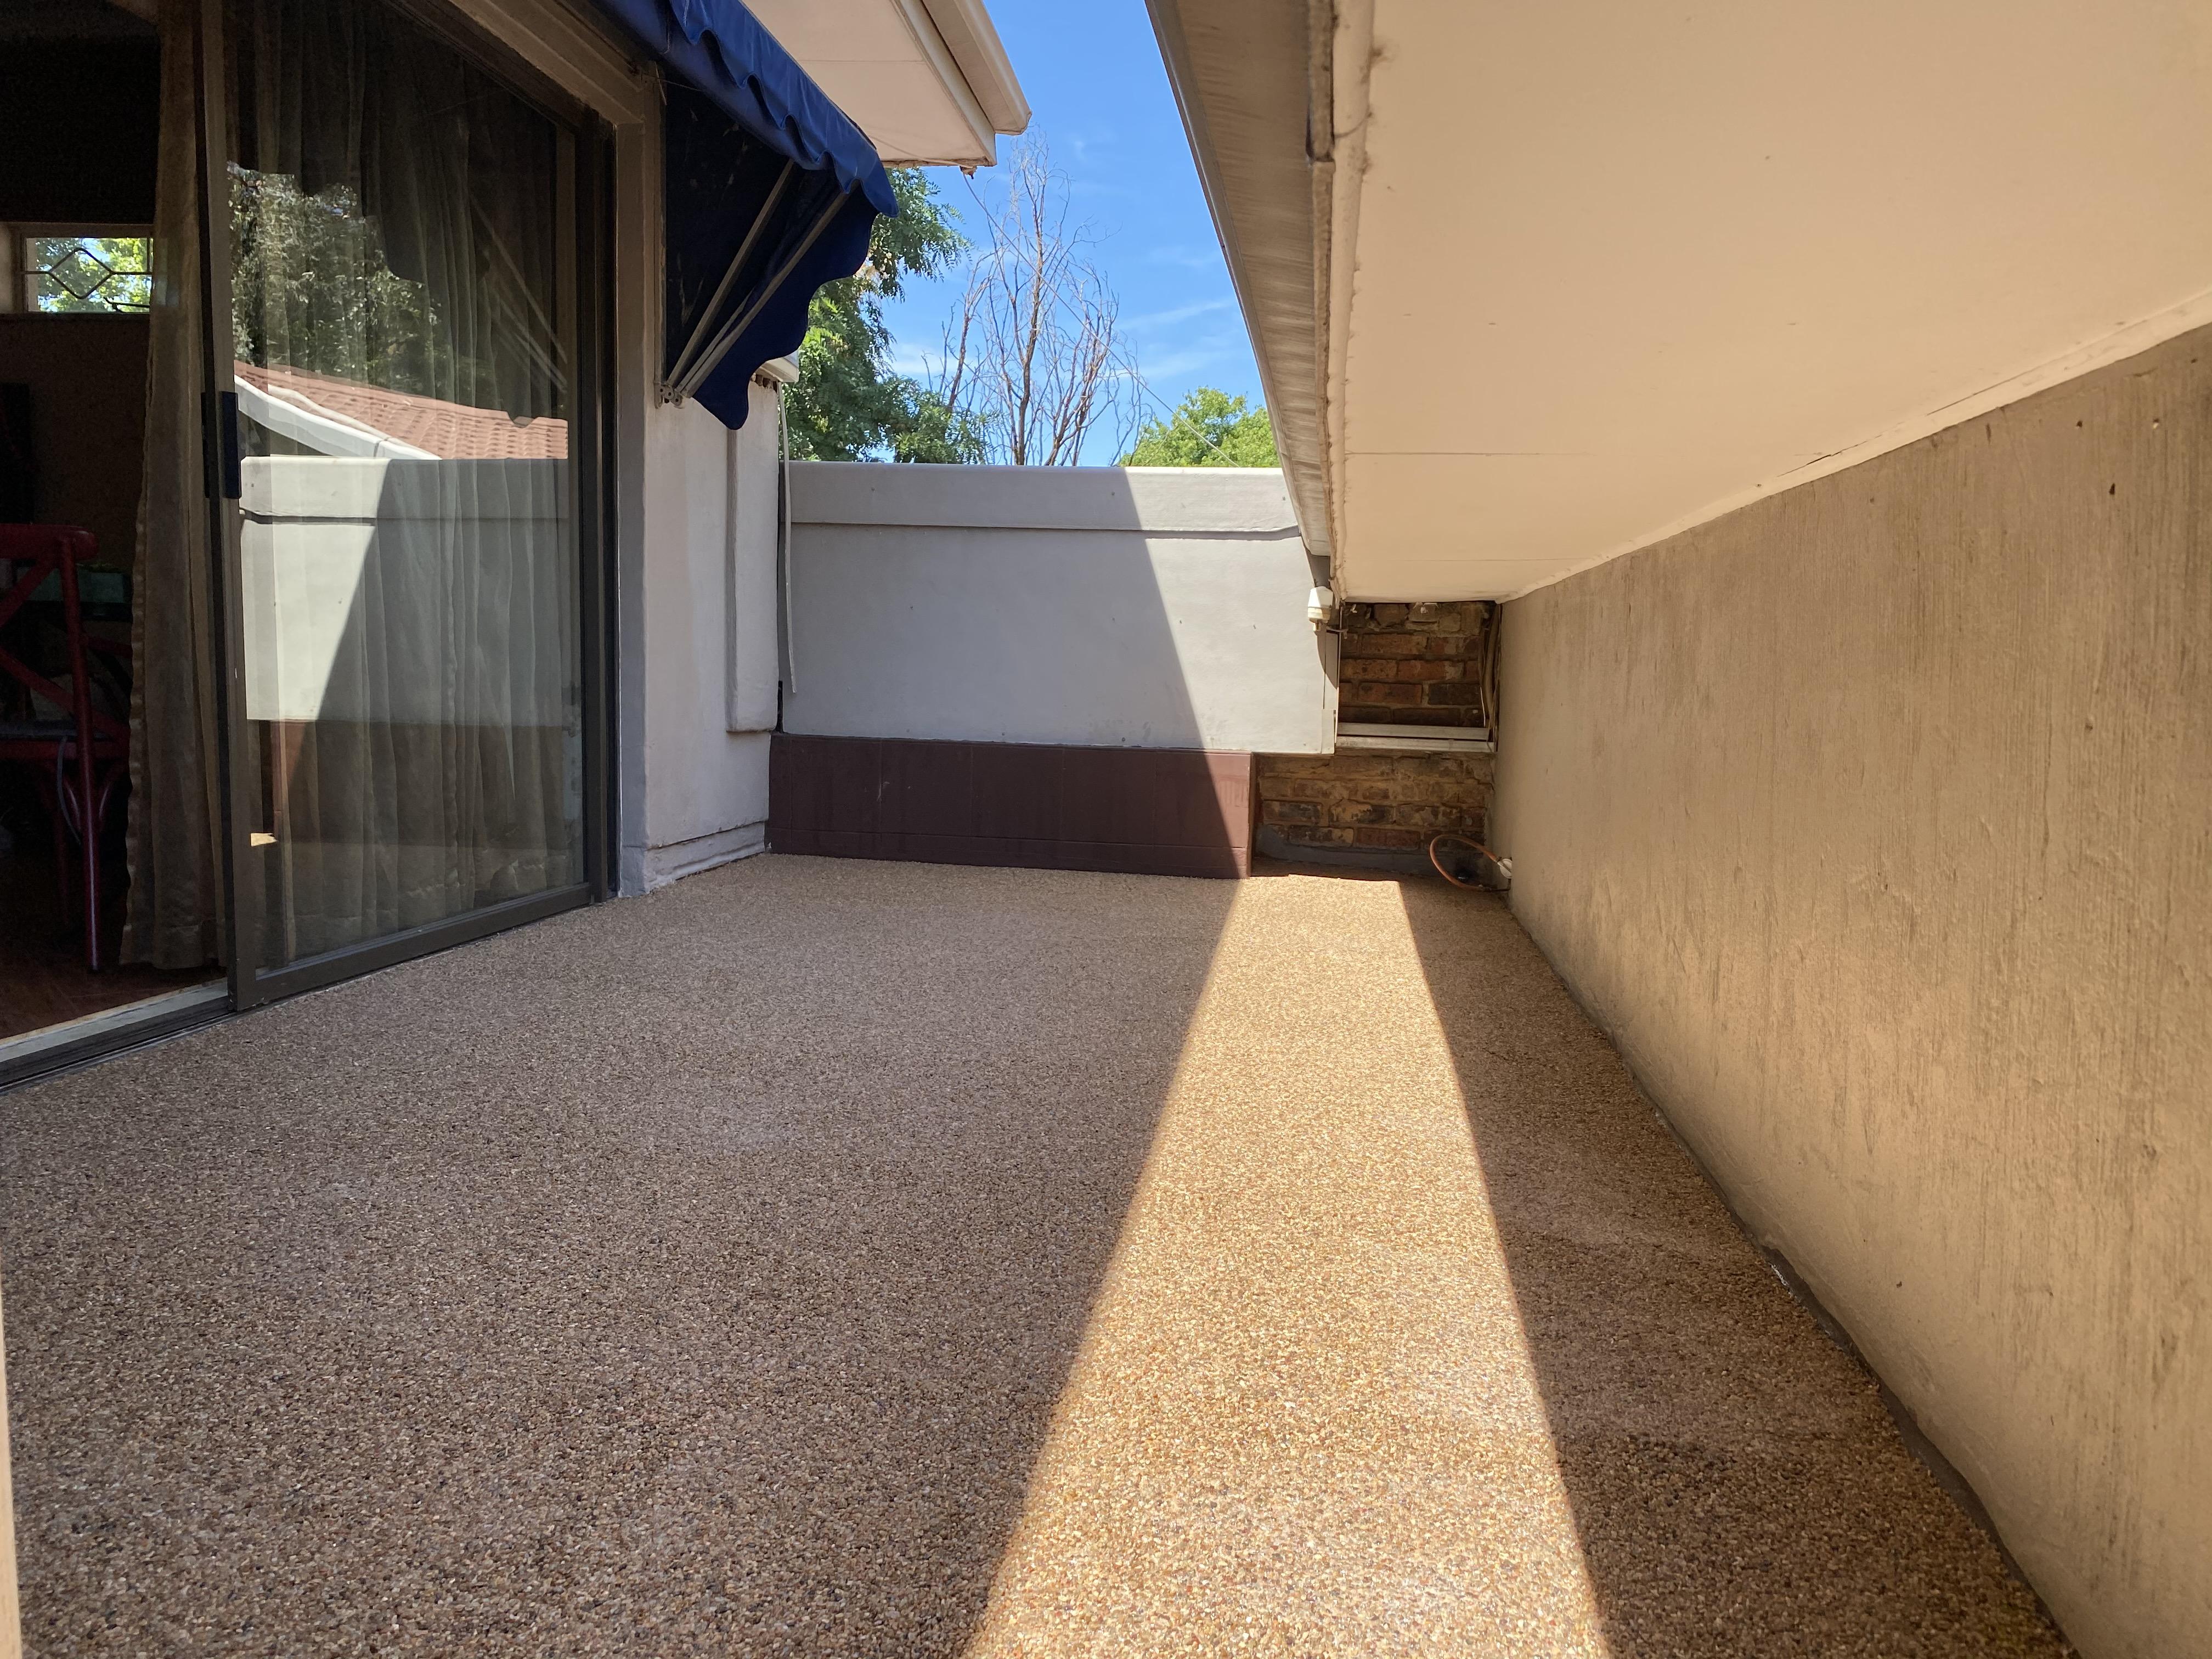 Pebble Patio - Pebble Veranda - Pebble sitting area - Protective roof cover - Pebbled Balcony - Pebbles - PebbleKote